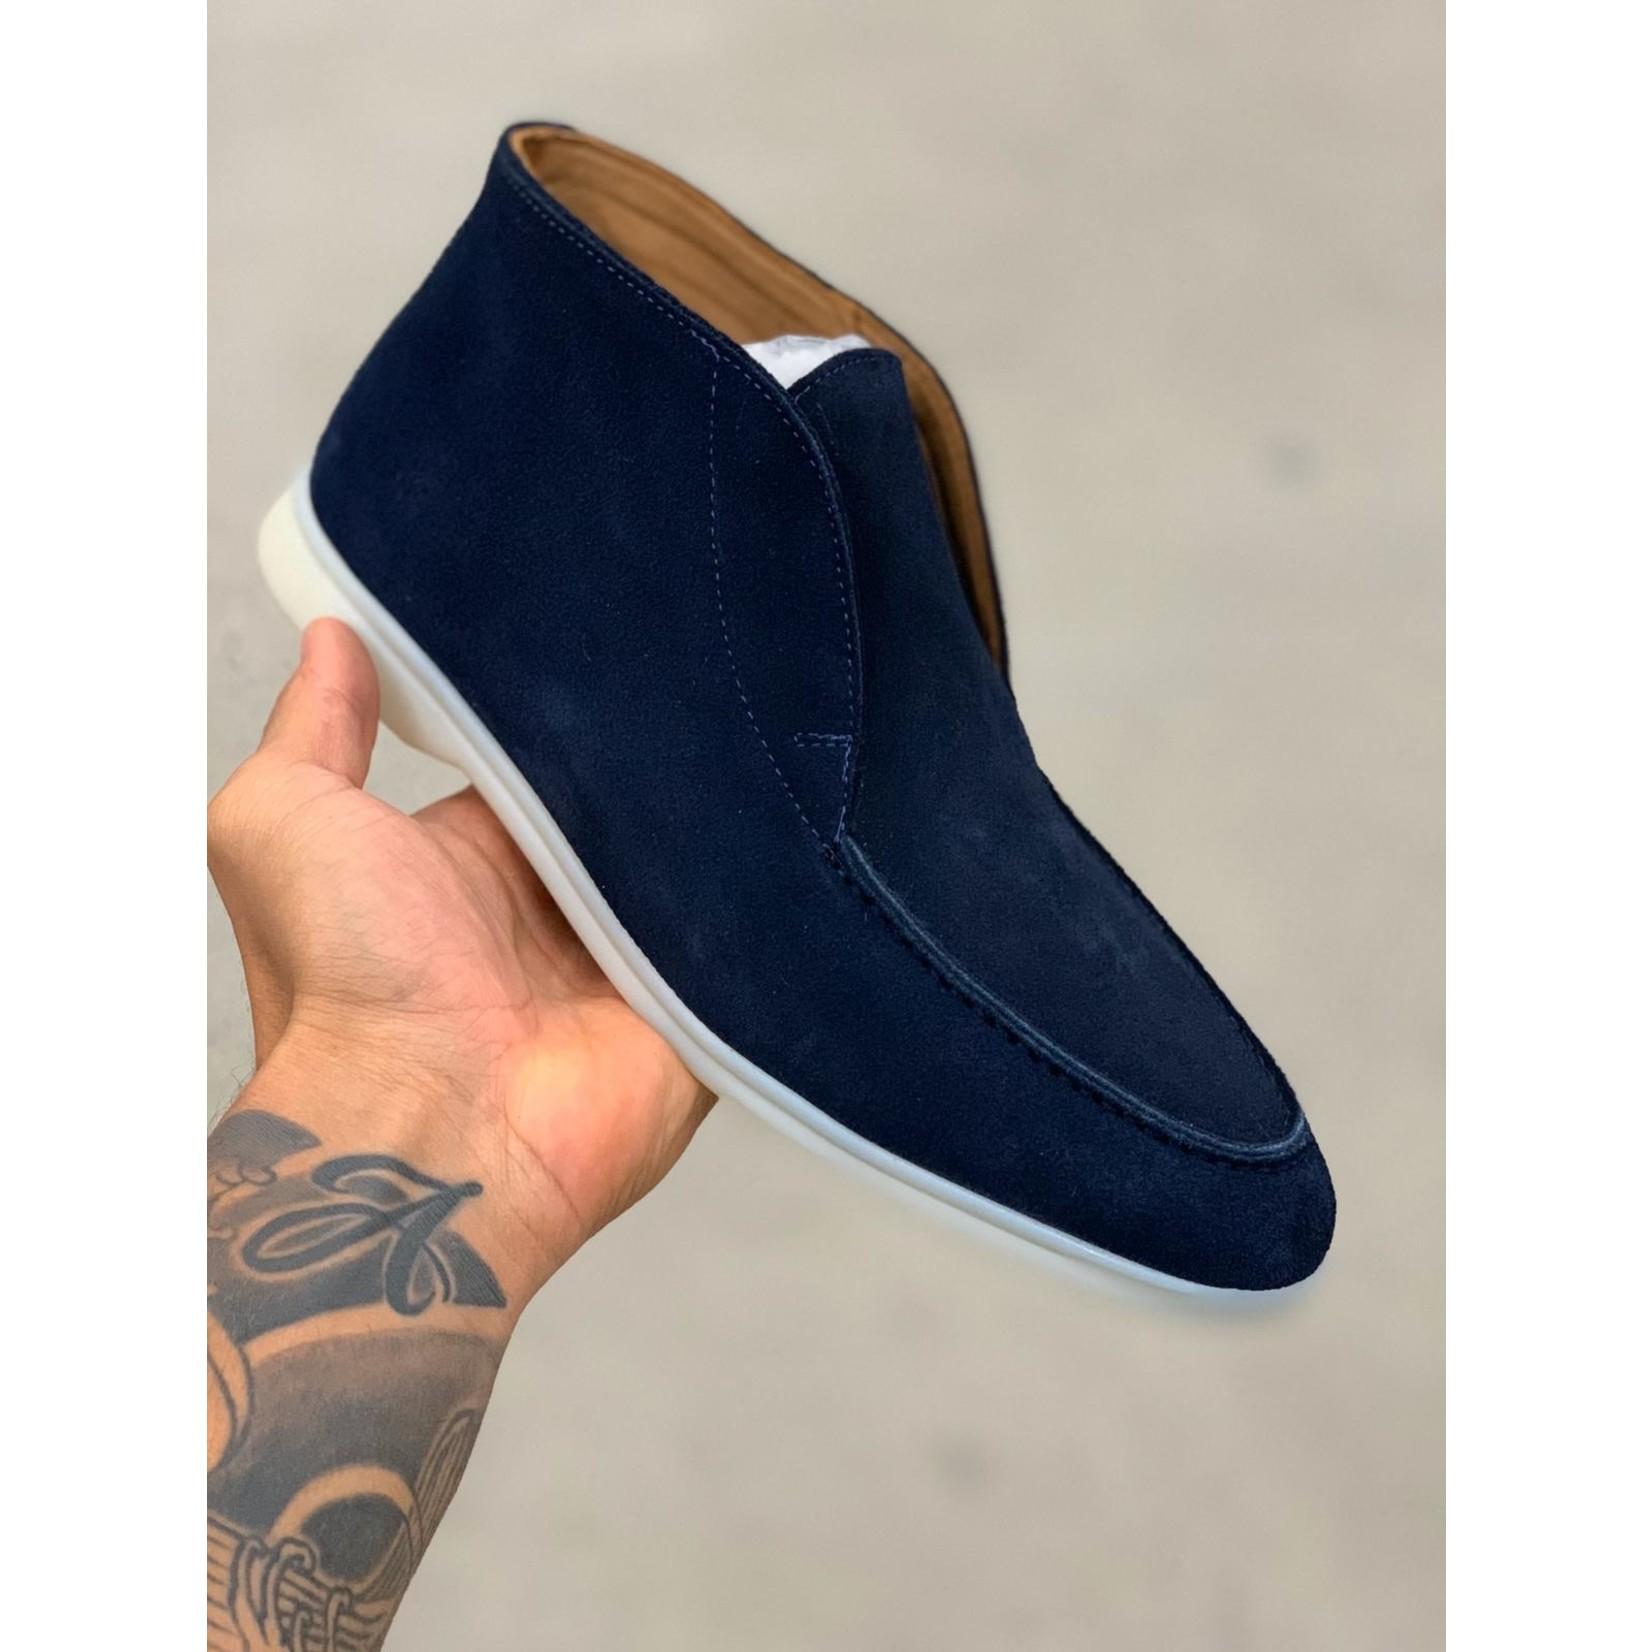 HON mid high top suede schoenen marine